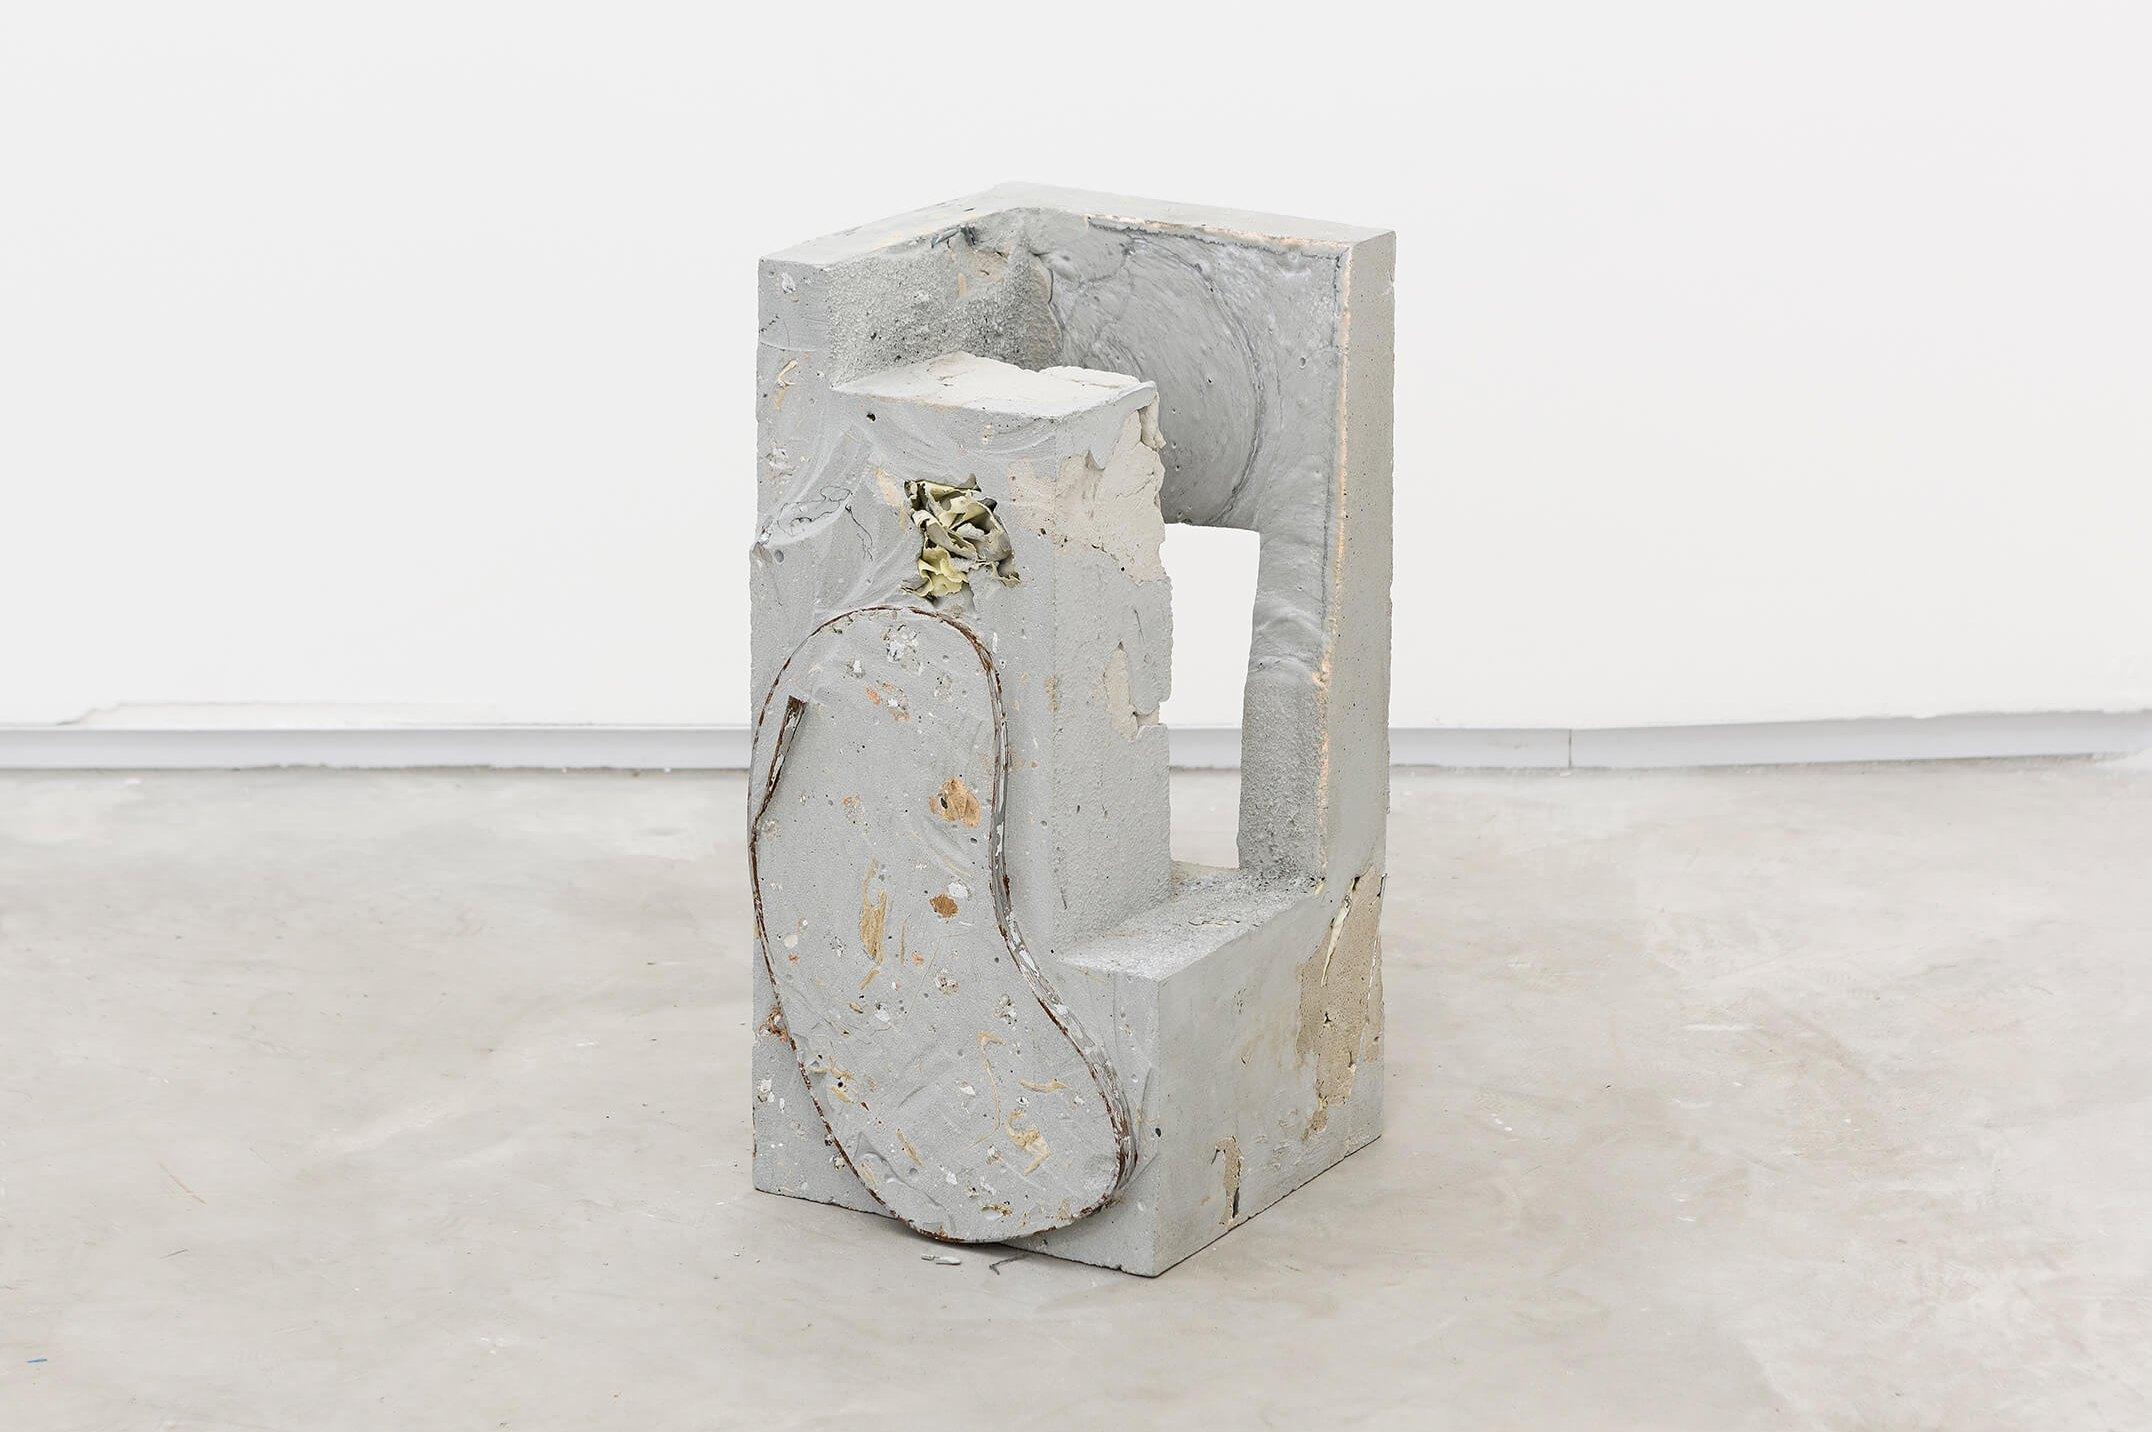 Allyson Vieira, <em>Block 6</em>, 2015, concrete, <em>Worker</em> scraps, concrete blocks, 39 × 19 × 19 cm - Mendes Wood DM